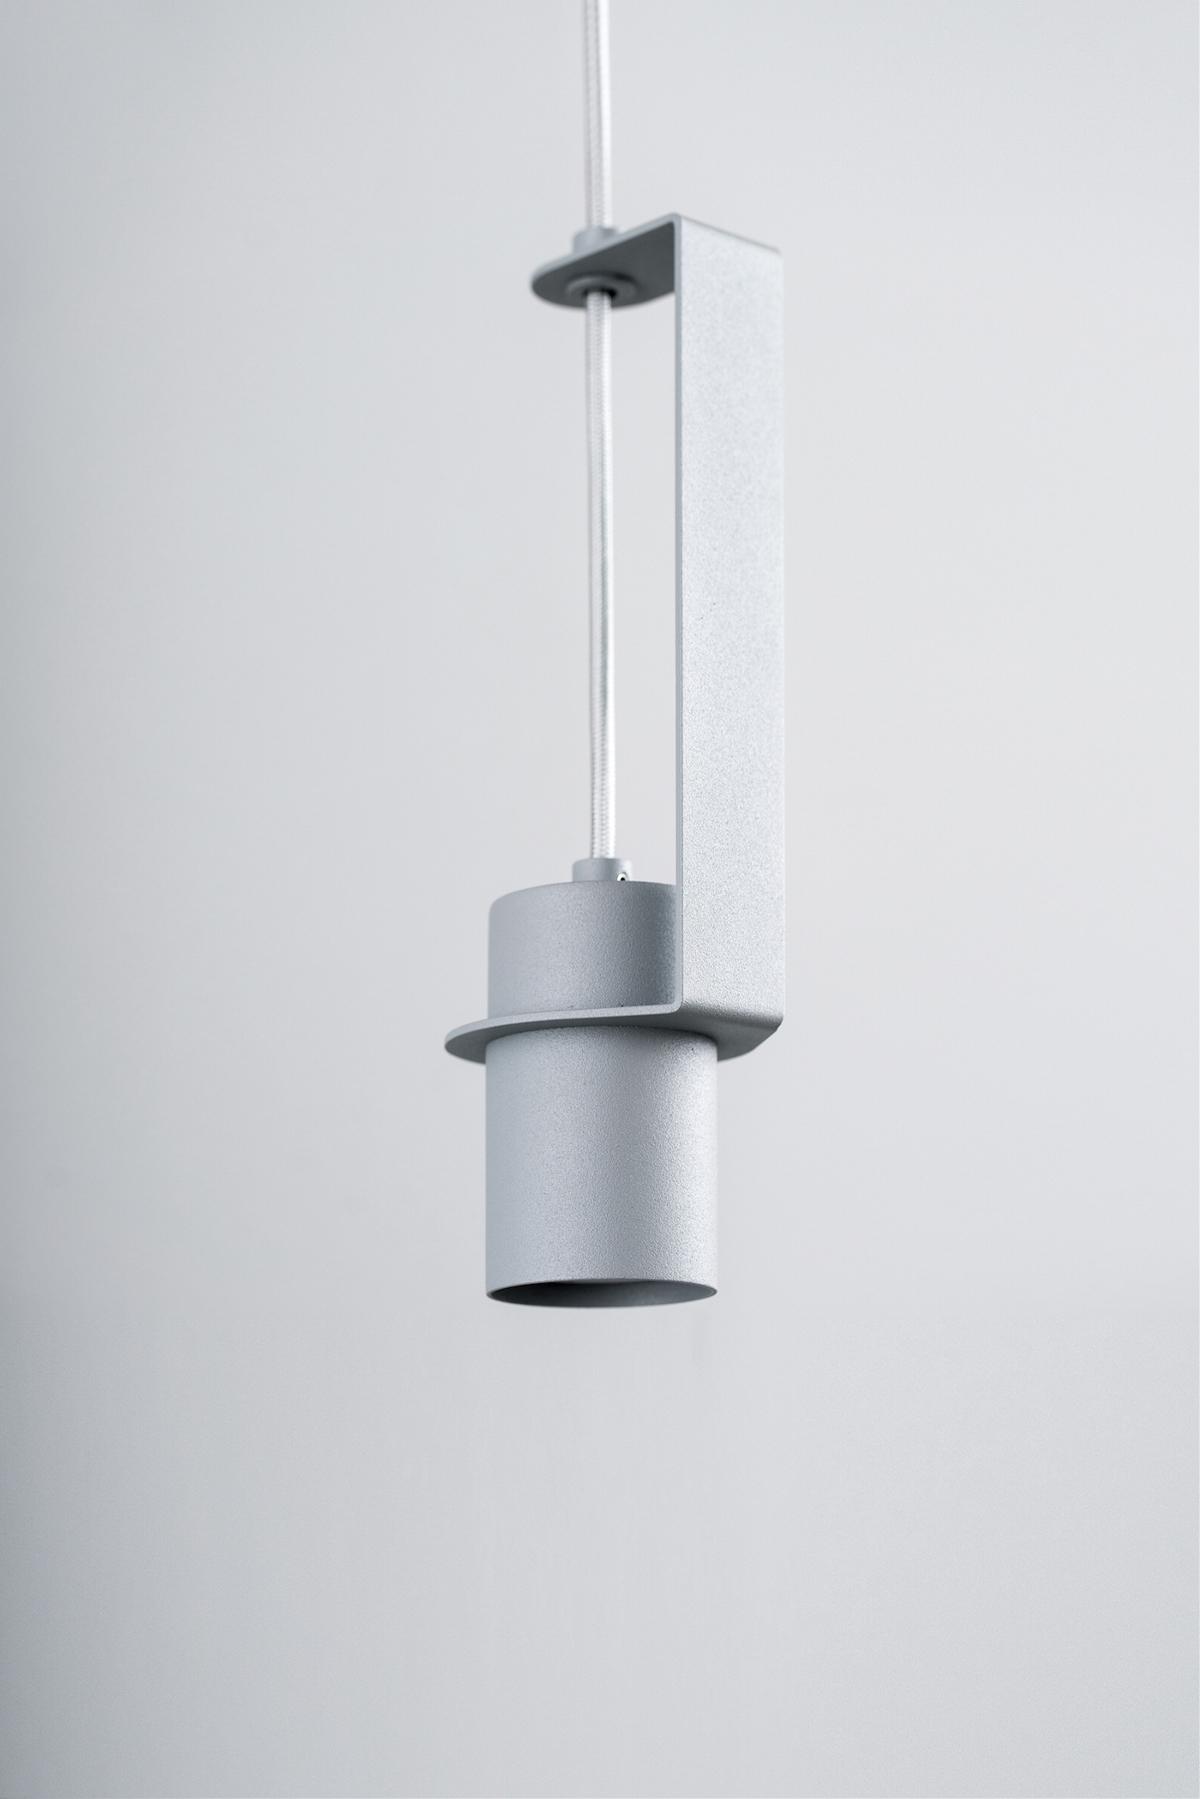 灯具产品设计欣赏